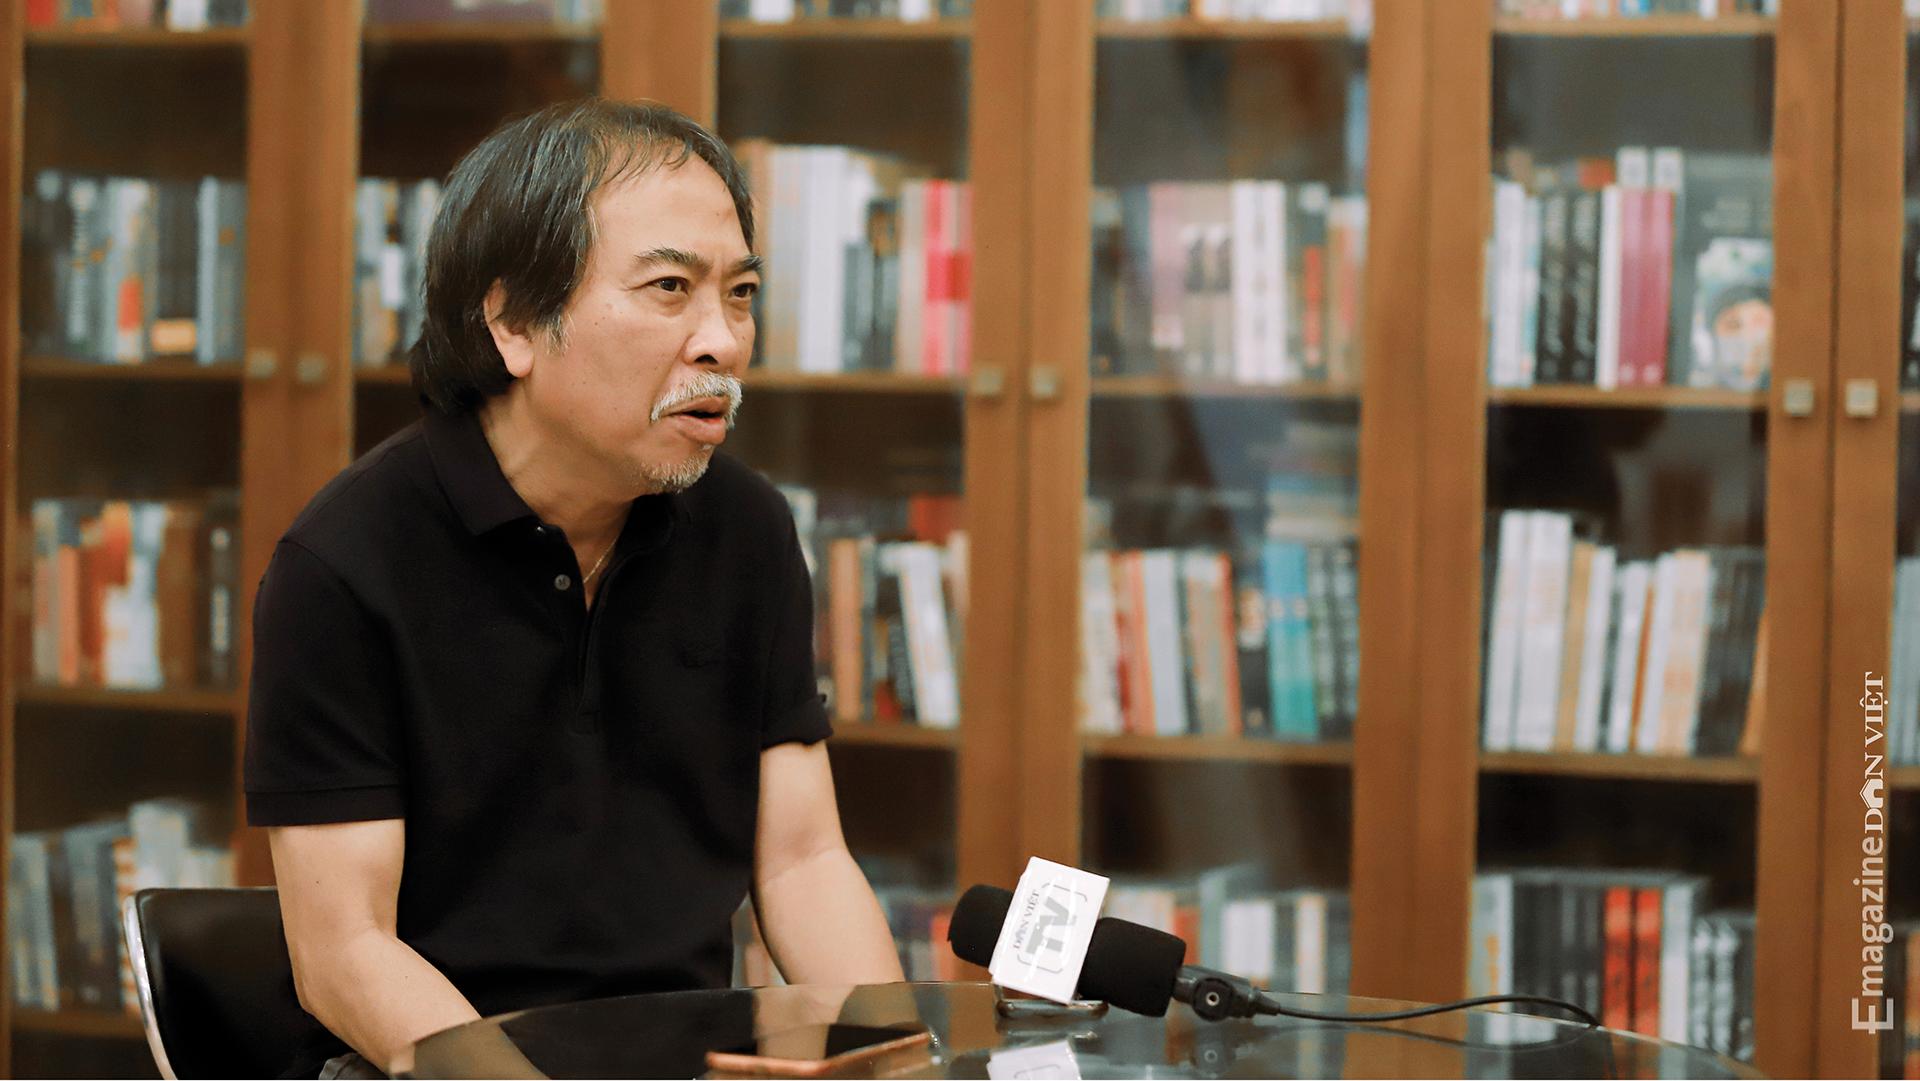 Nhà văn Nguyễn Quang Thiều: Sự đập cánh của đôi cánh tự do khác đôi chân của kẻ tuỳ tiện - Ảnh 17.